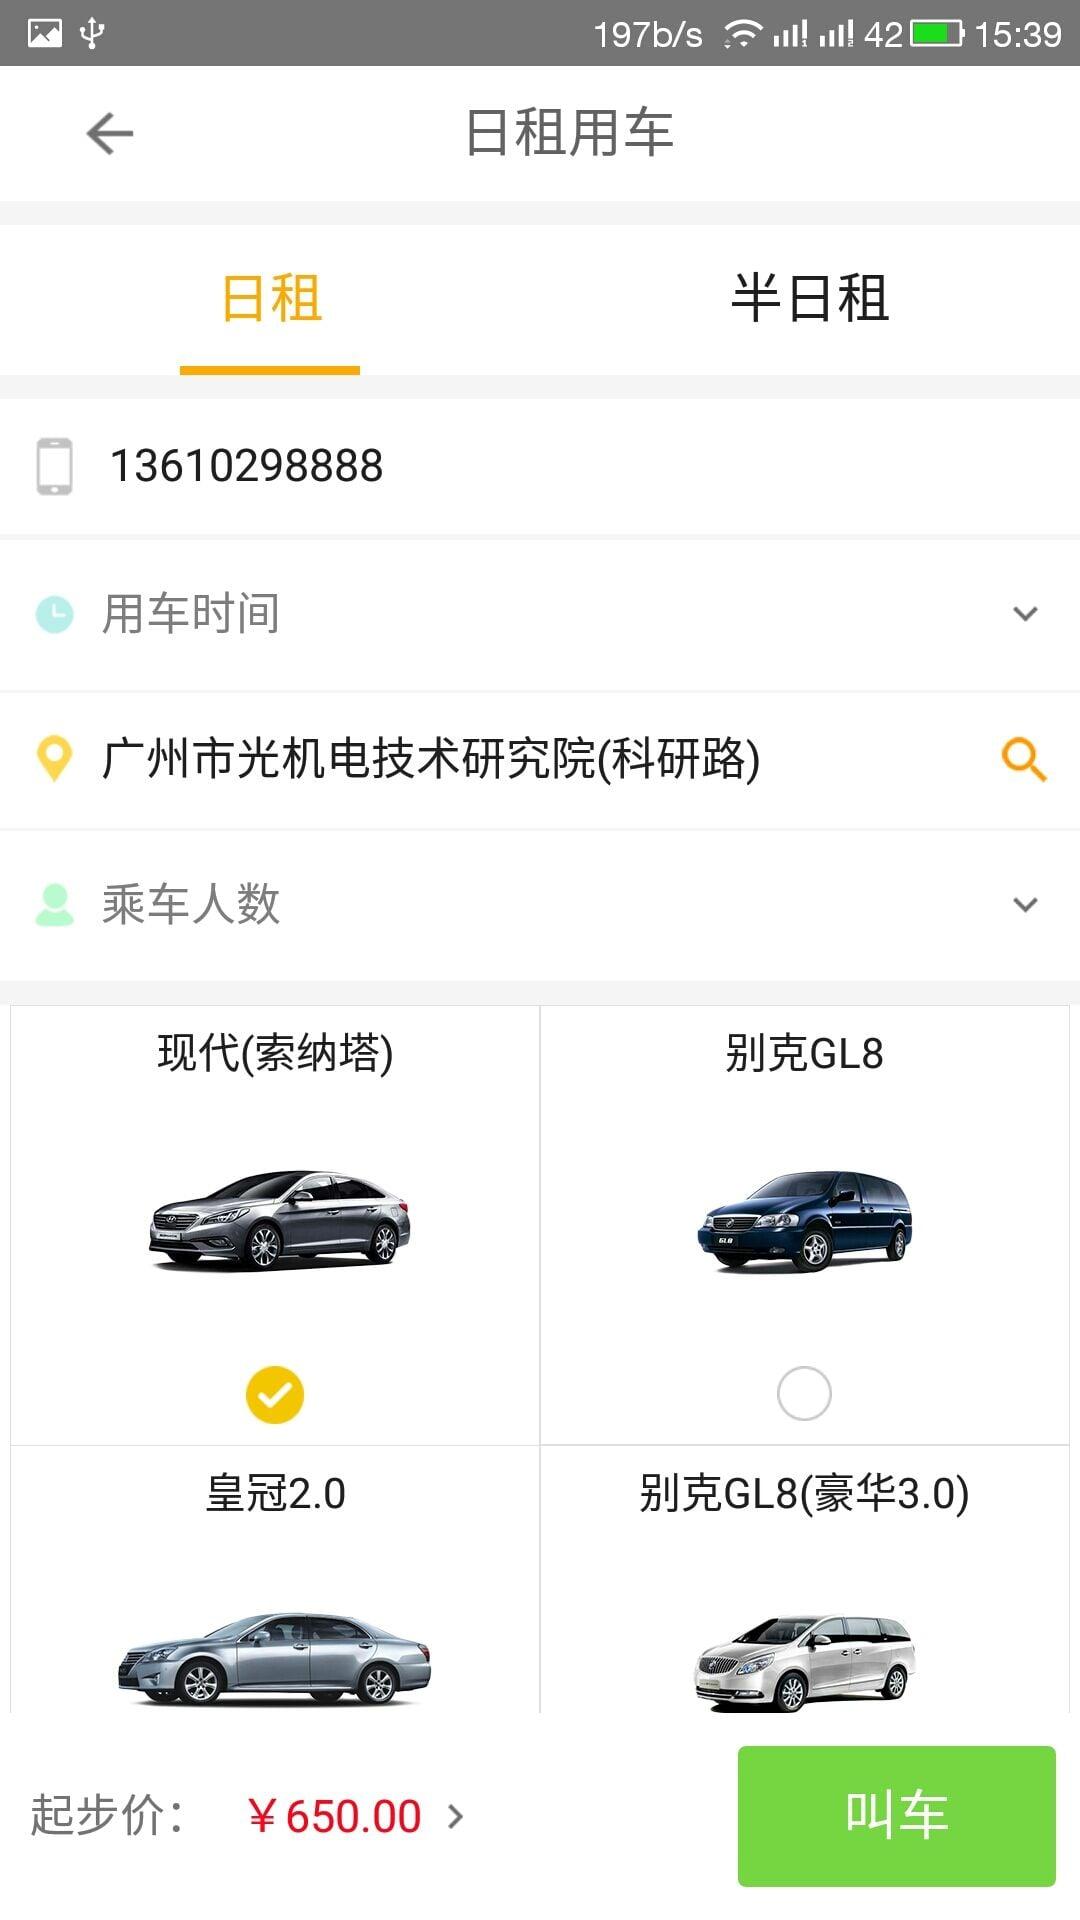 桂林出行网